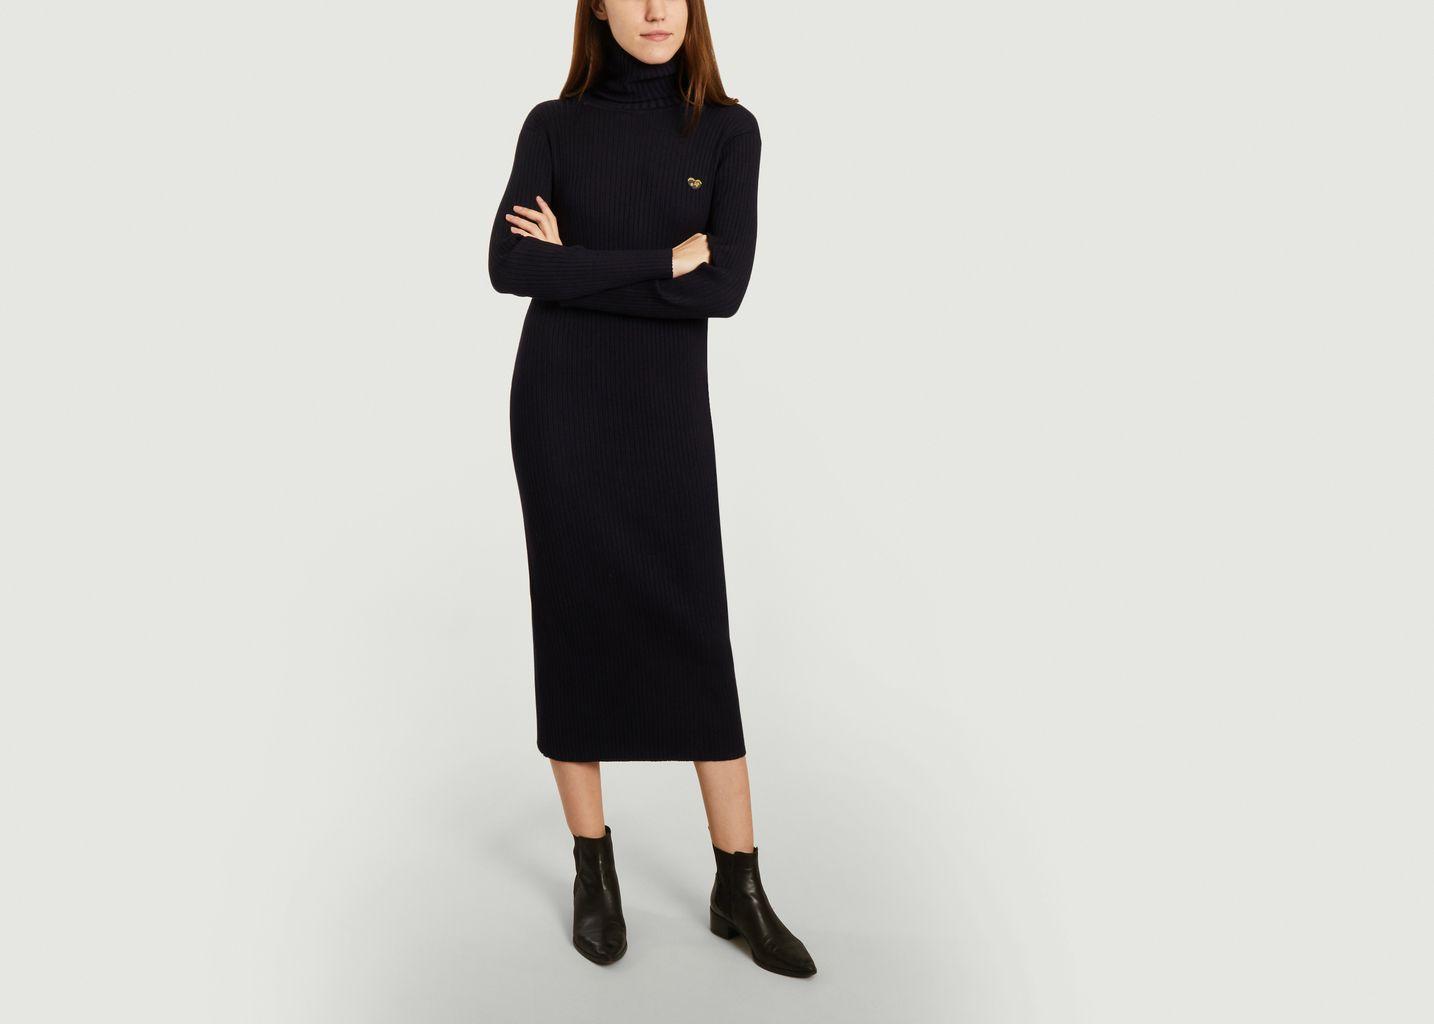 Robe-chaussette avec patch coeur - Maison Labiche